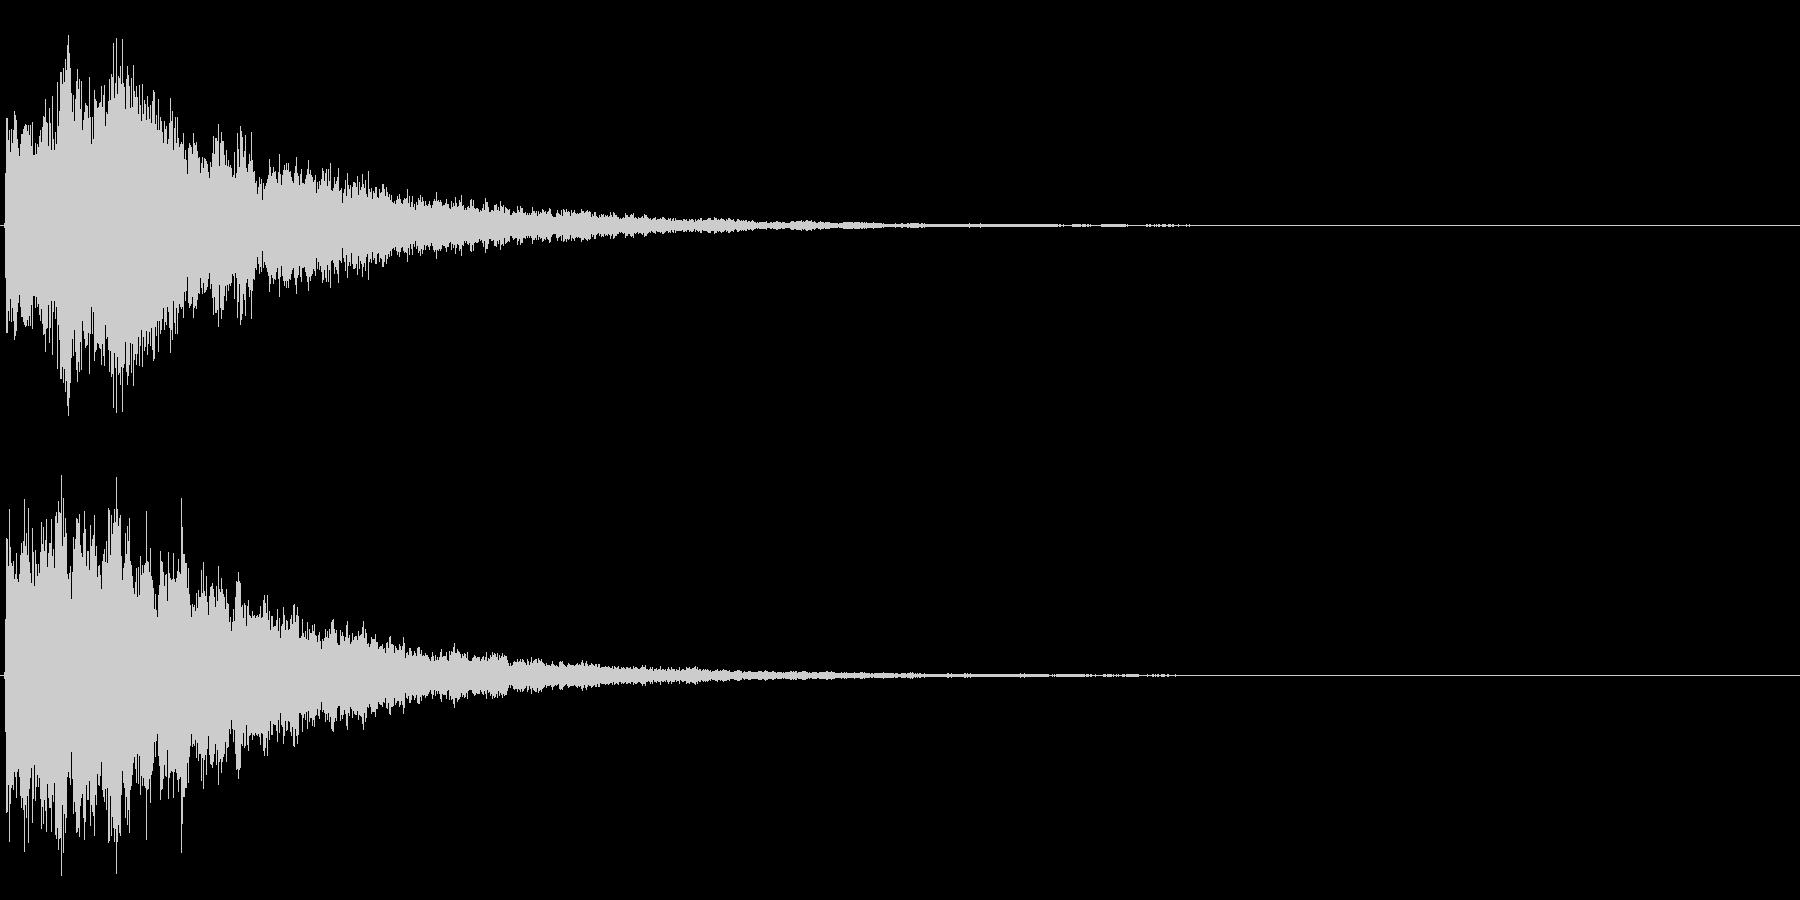 ゲームスタート、決定、ボタン音-036の未再生の波形